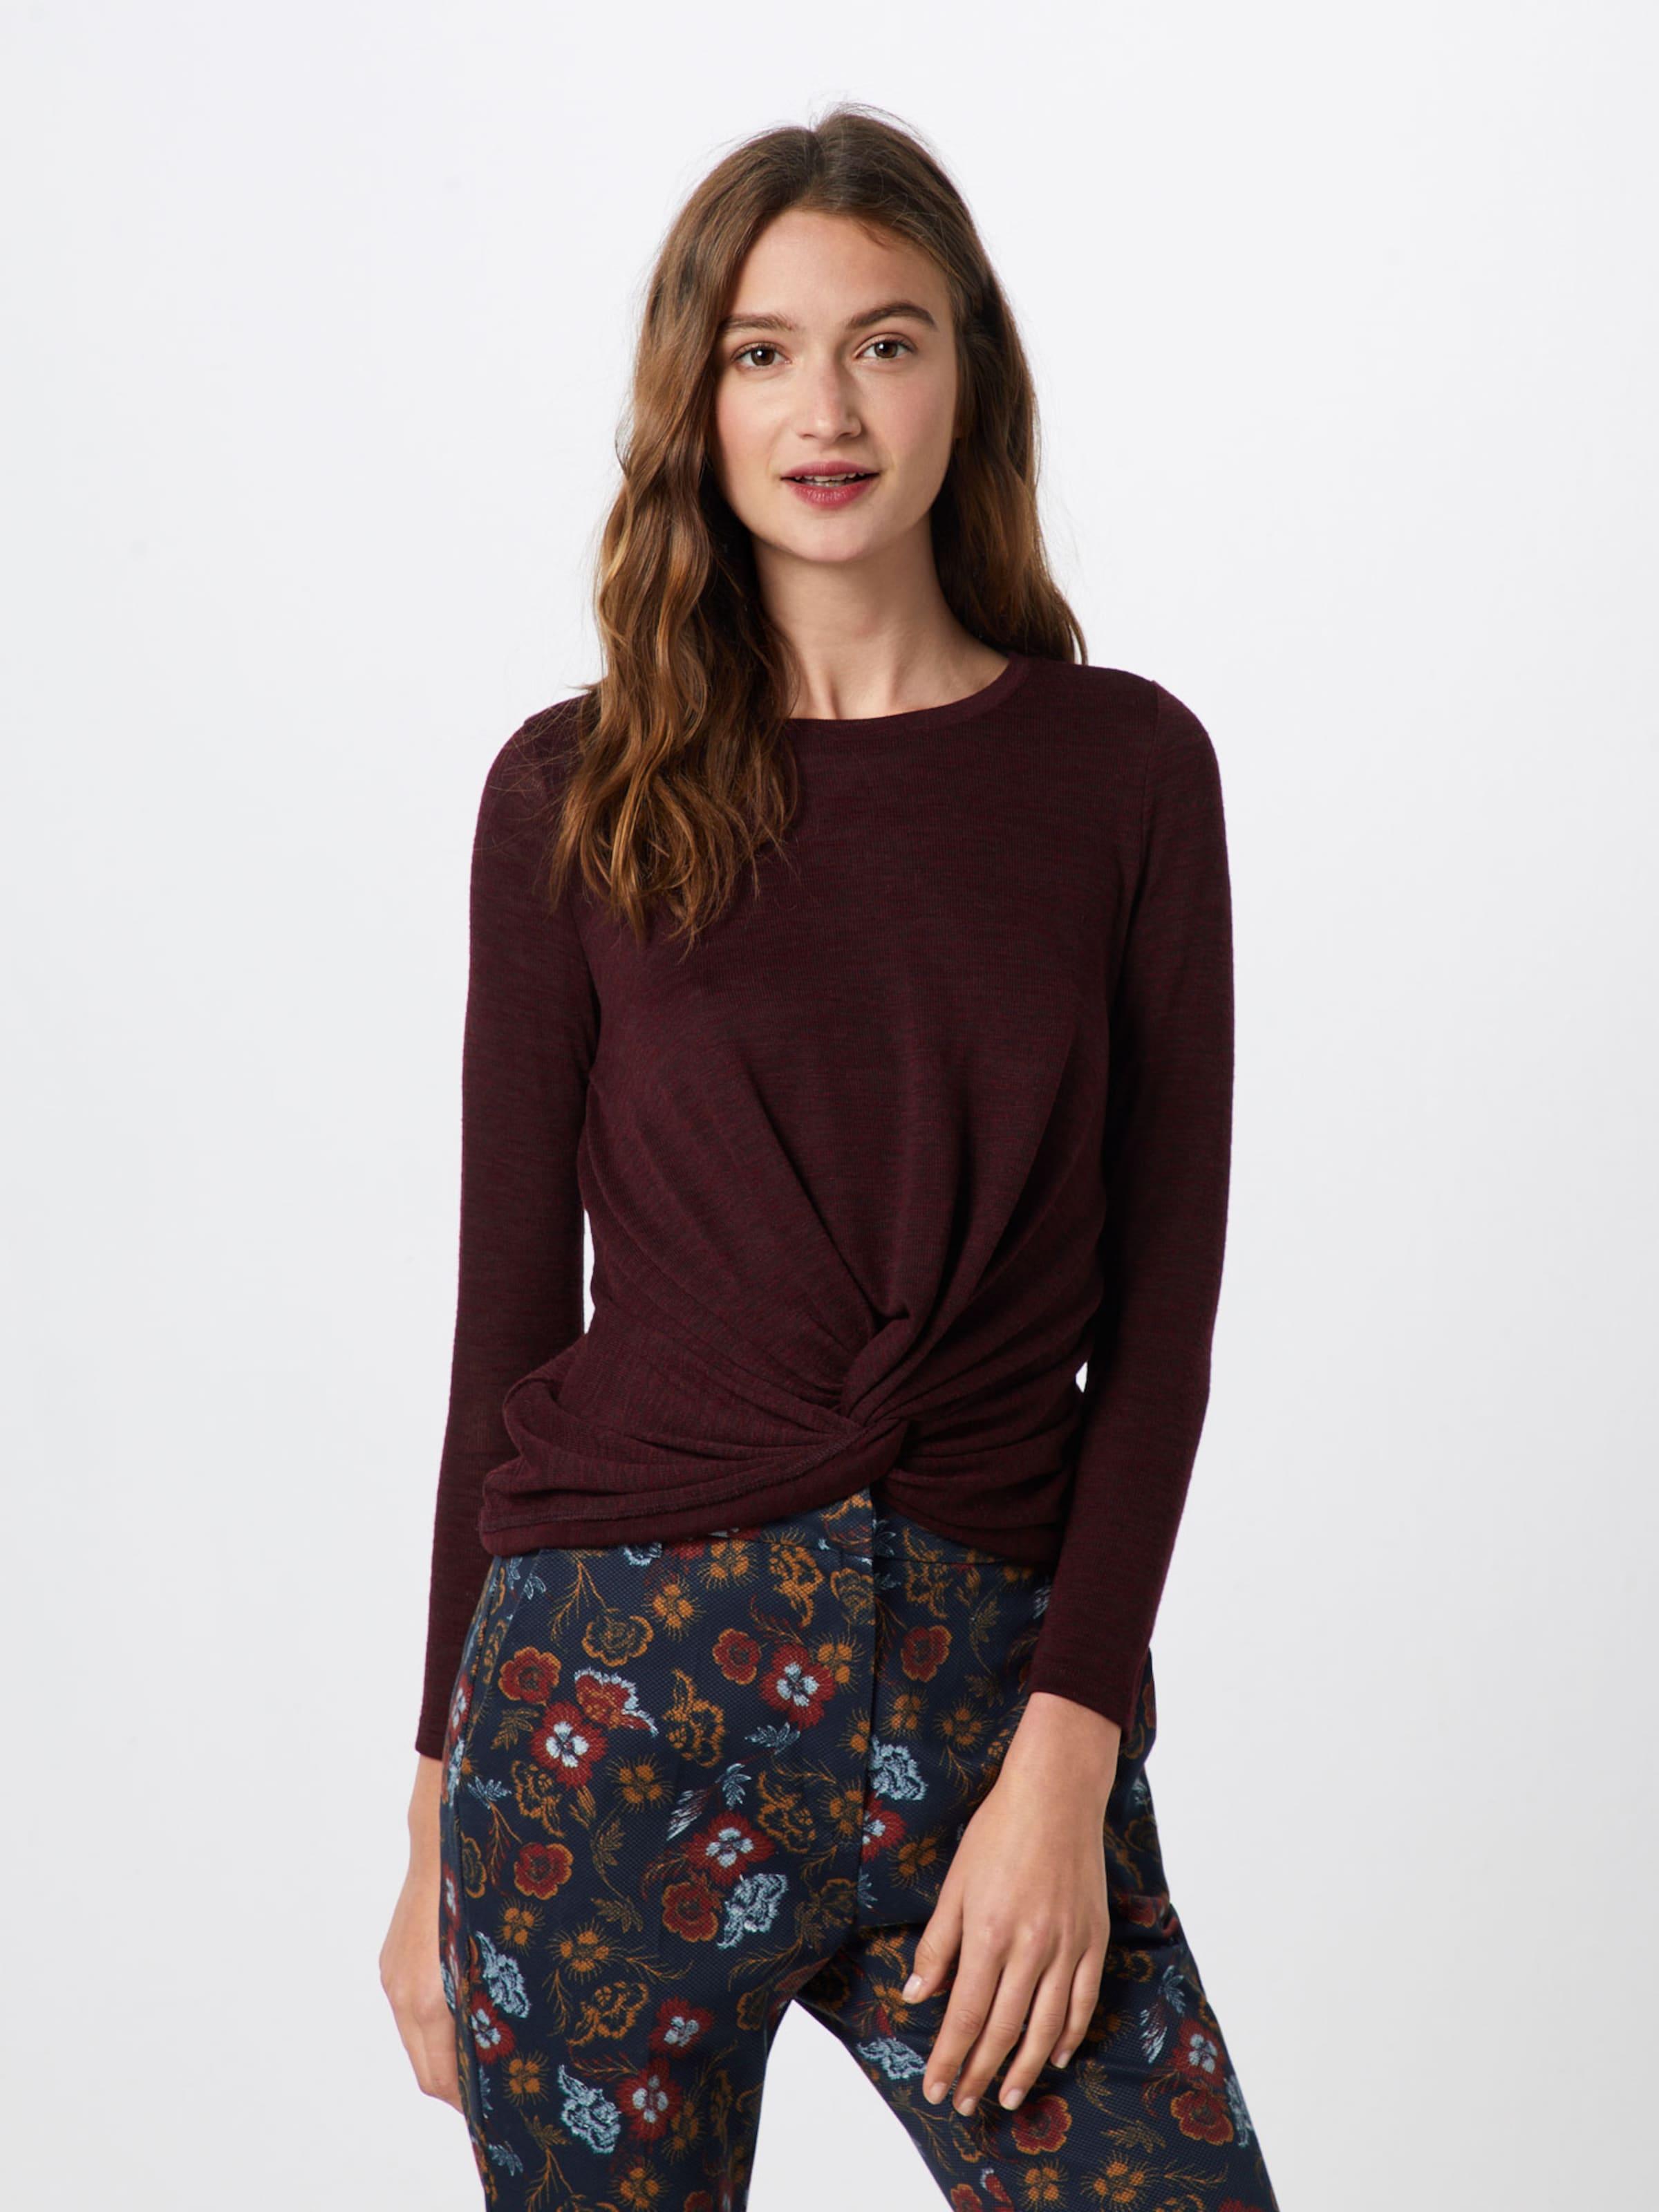 In Burgunder New Shirt 'twist Front Look Top' qUMVpzjGSL